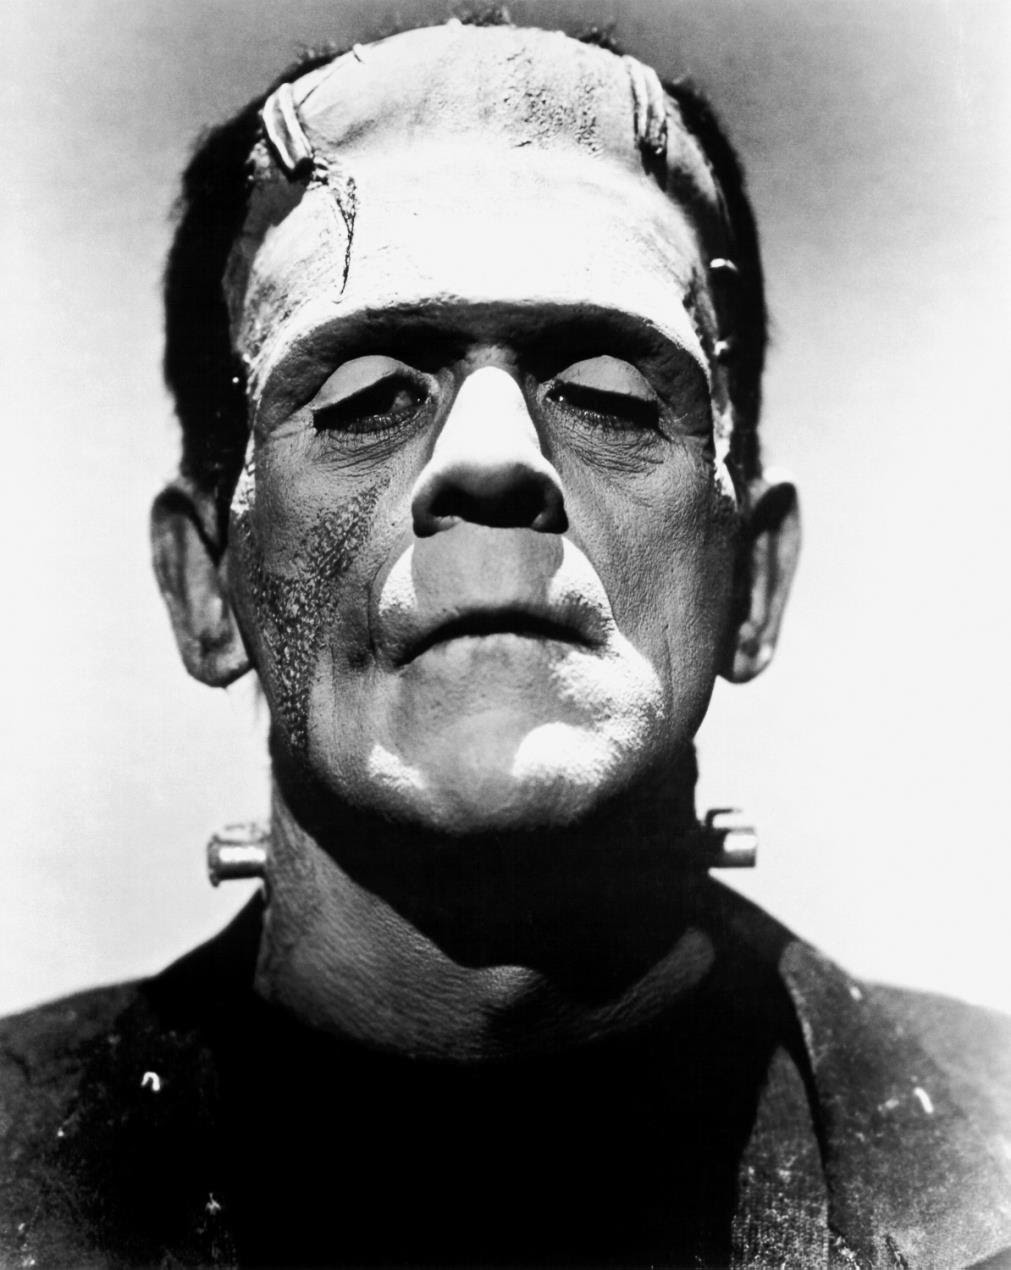 Frankenstein's_monster_(Boris_Karloff)